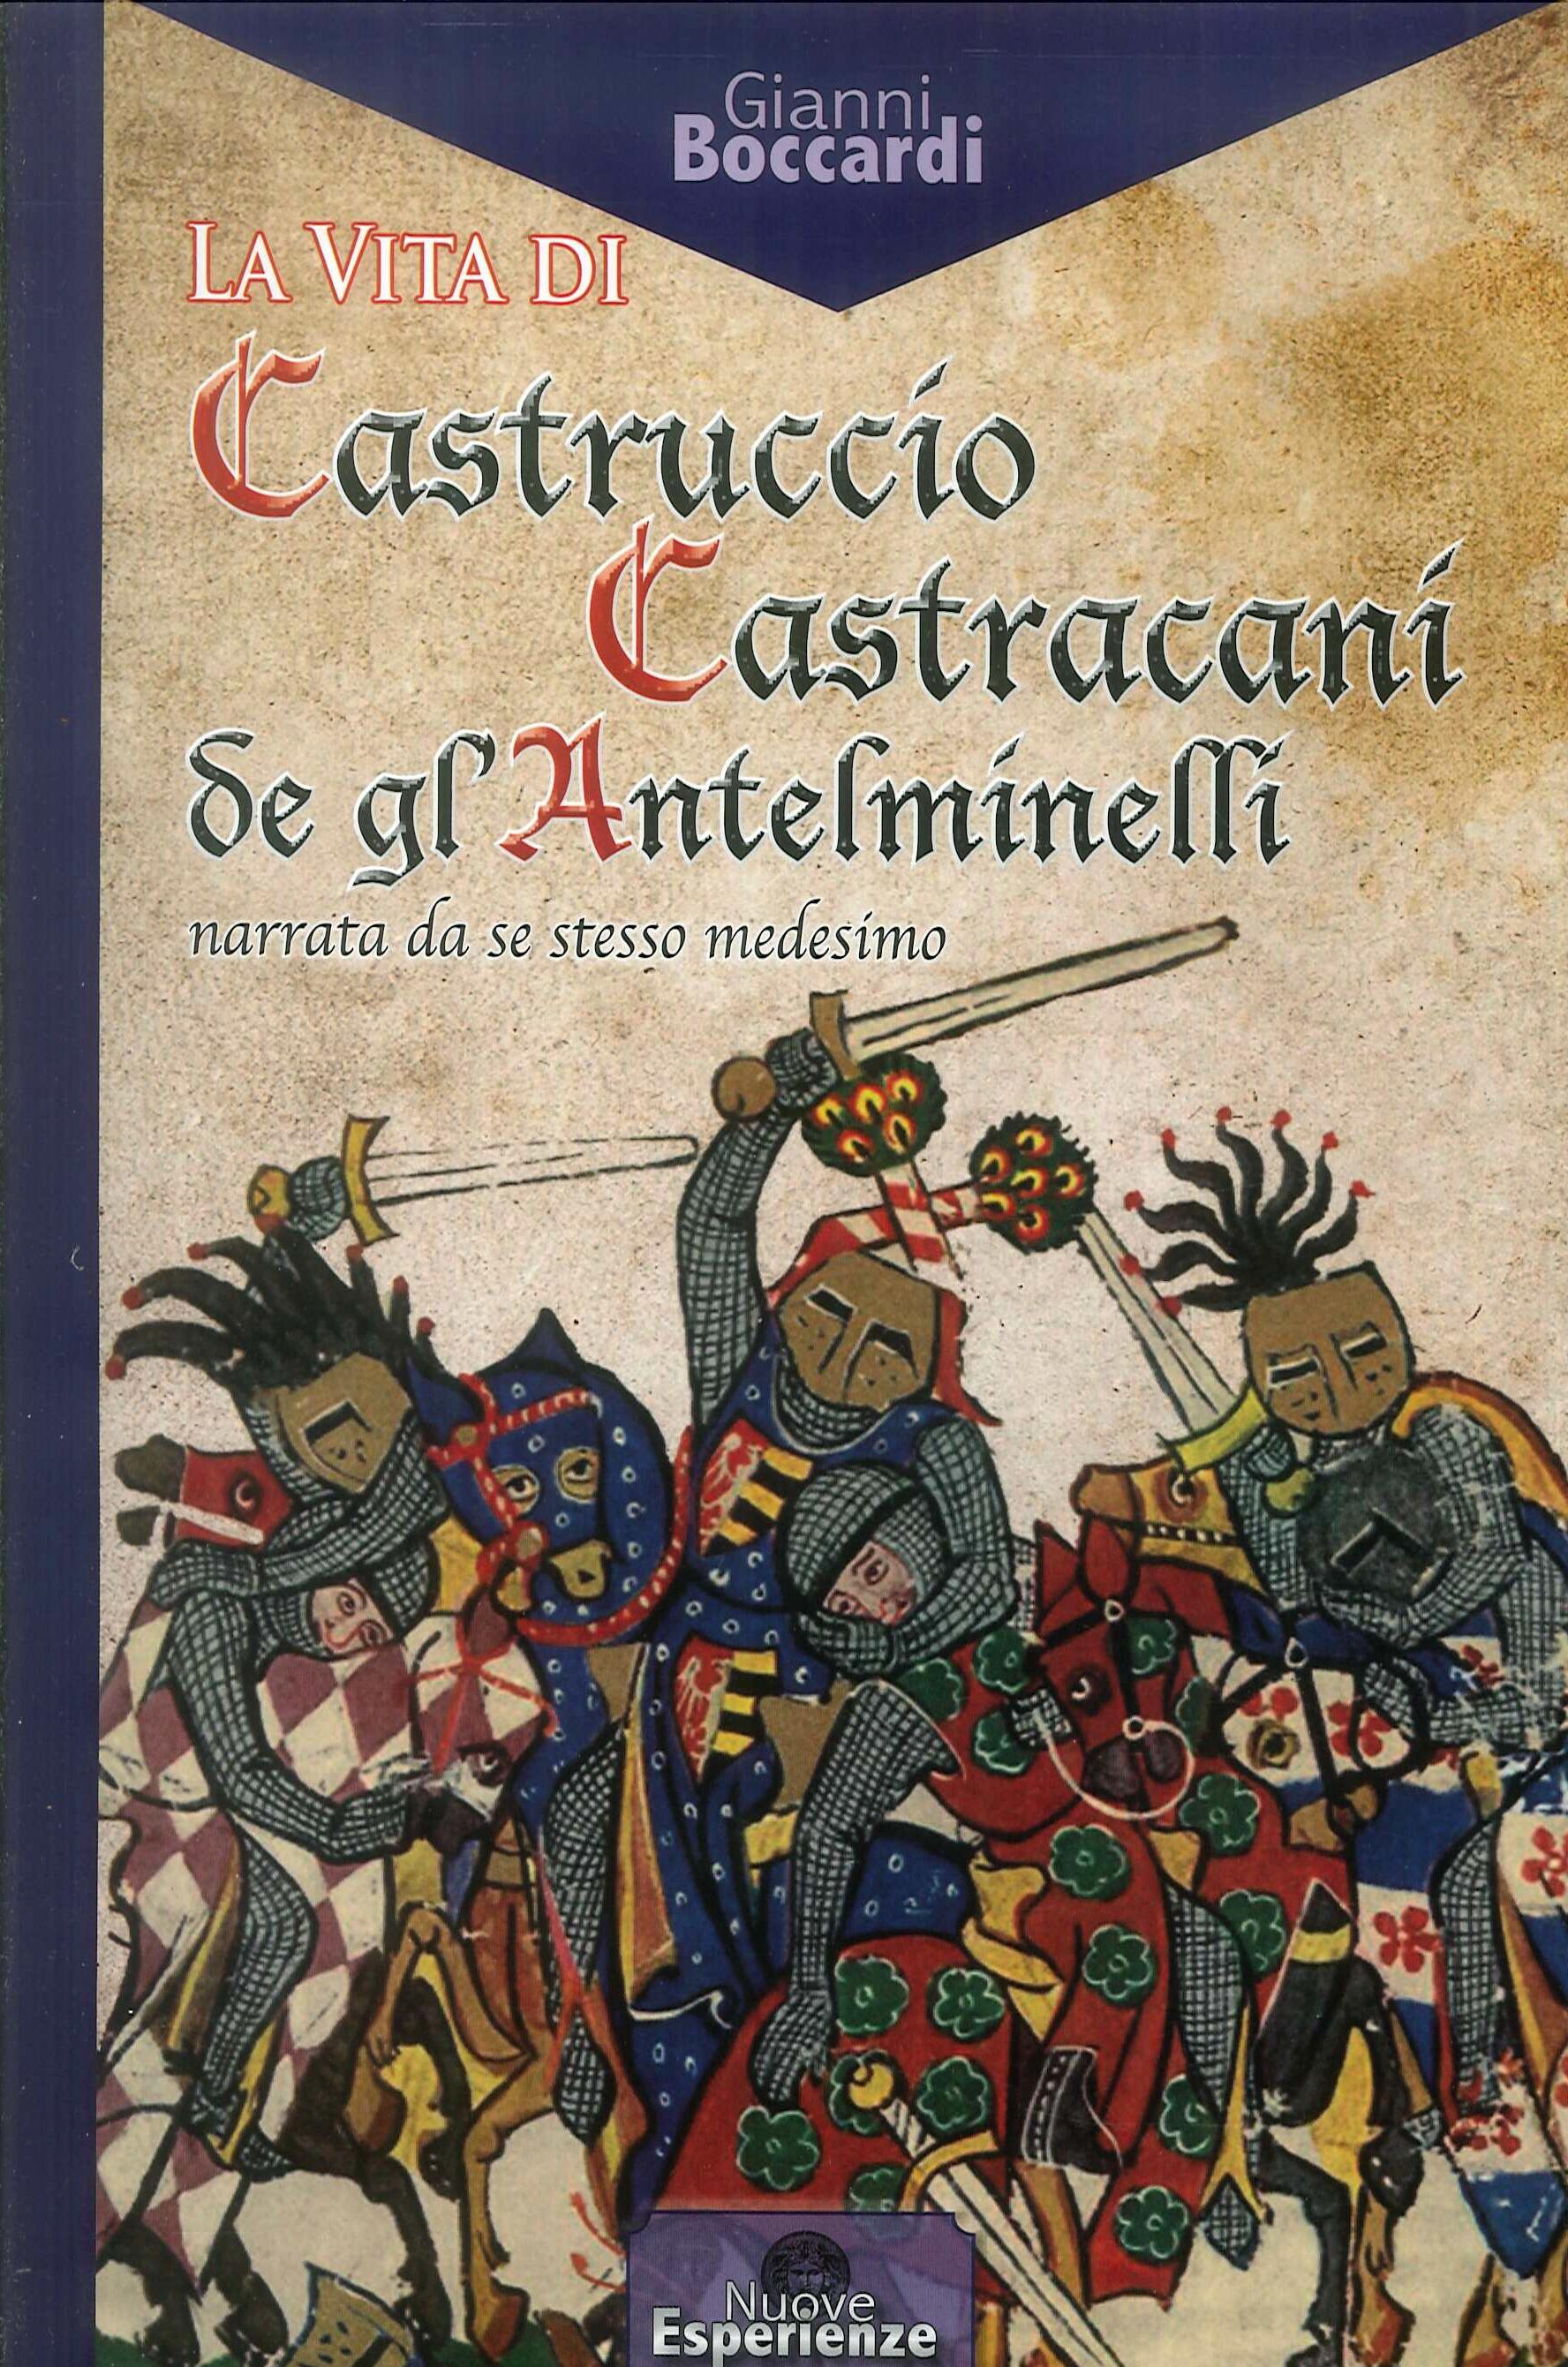 La vita di Castruccio Castracani de gl'Anteminelli. Narrata da se stesso medesimo